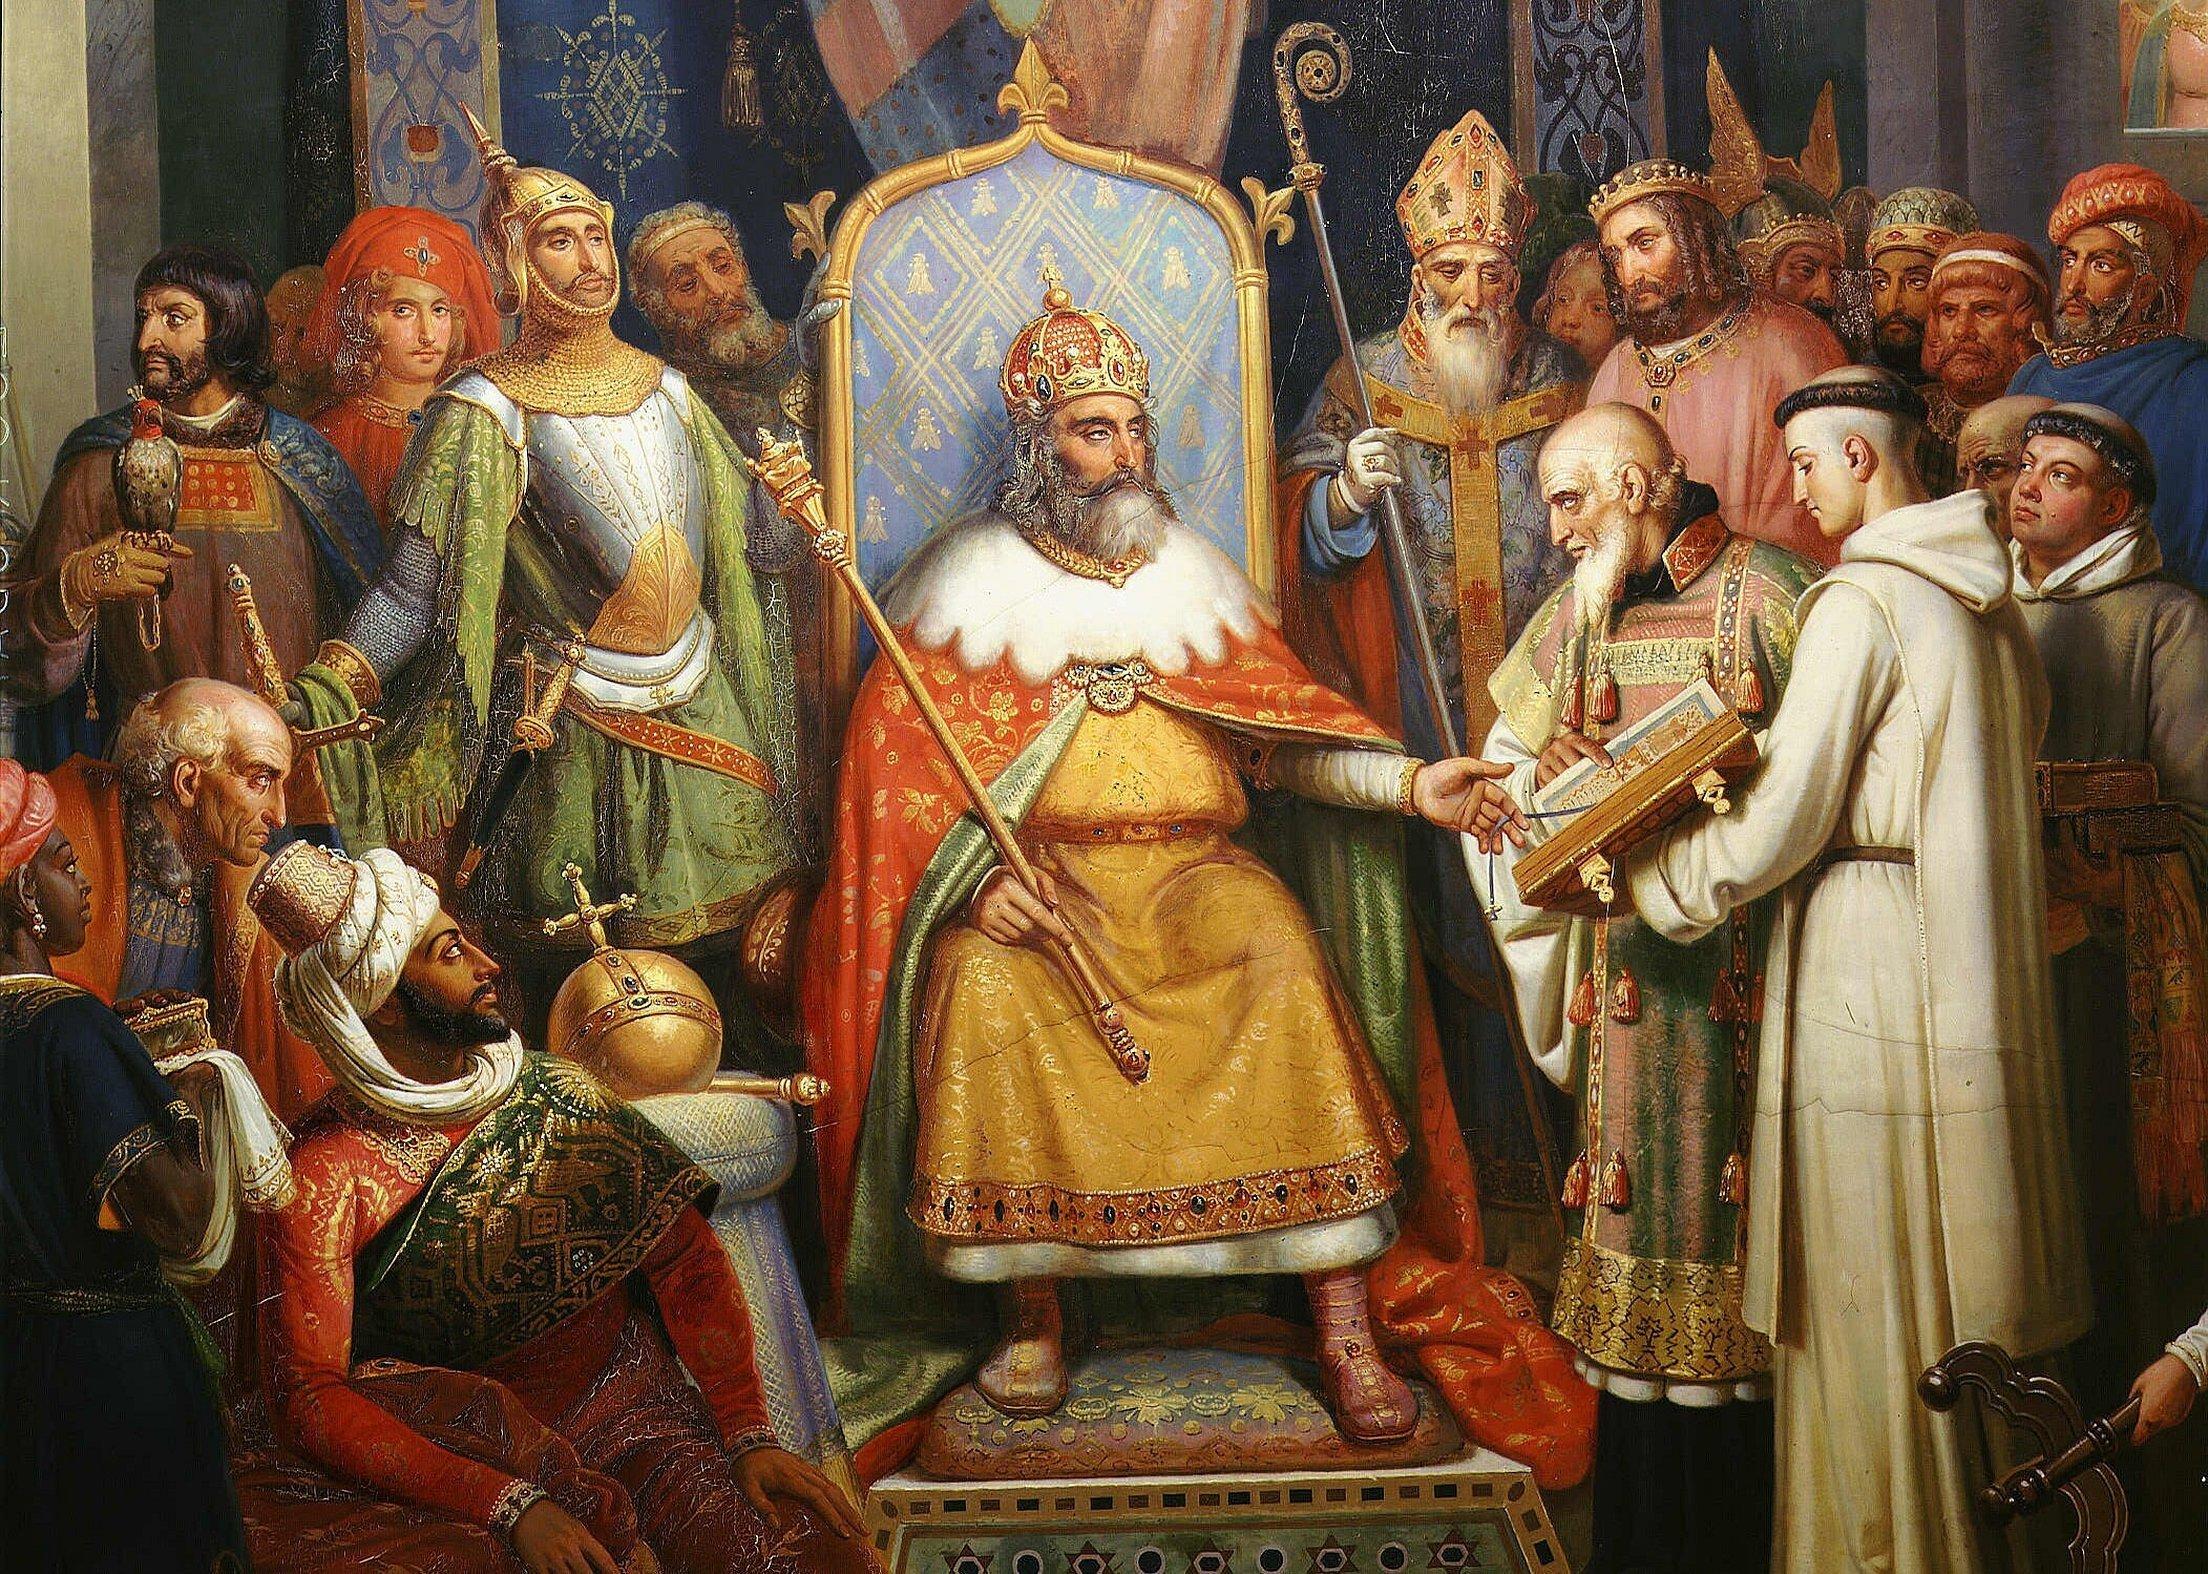 Картина коронование карла великого